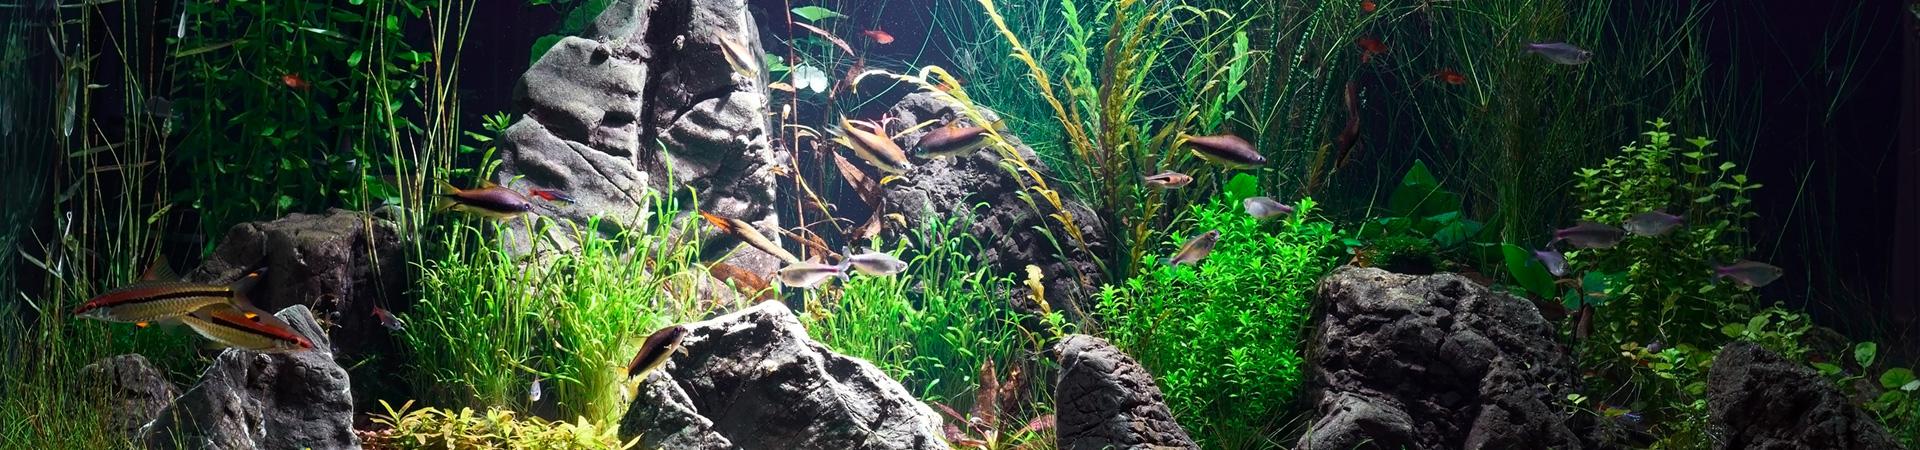 Locafish - Liens